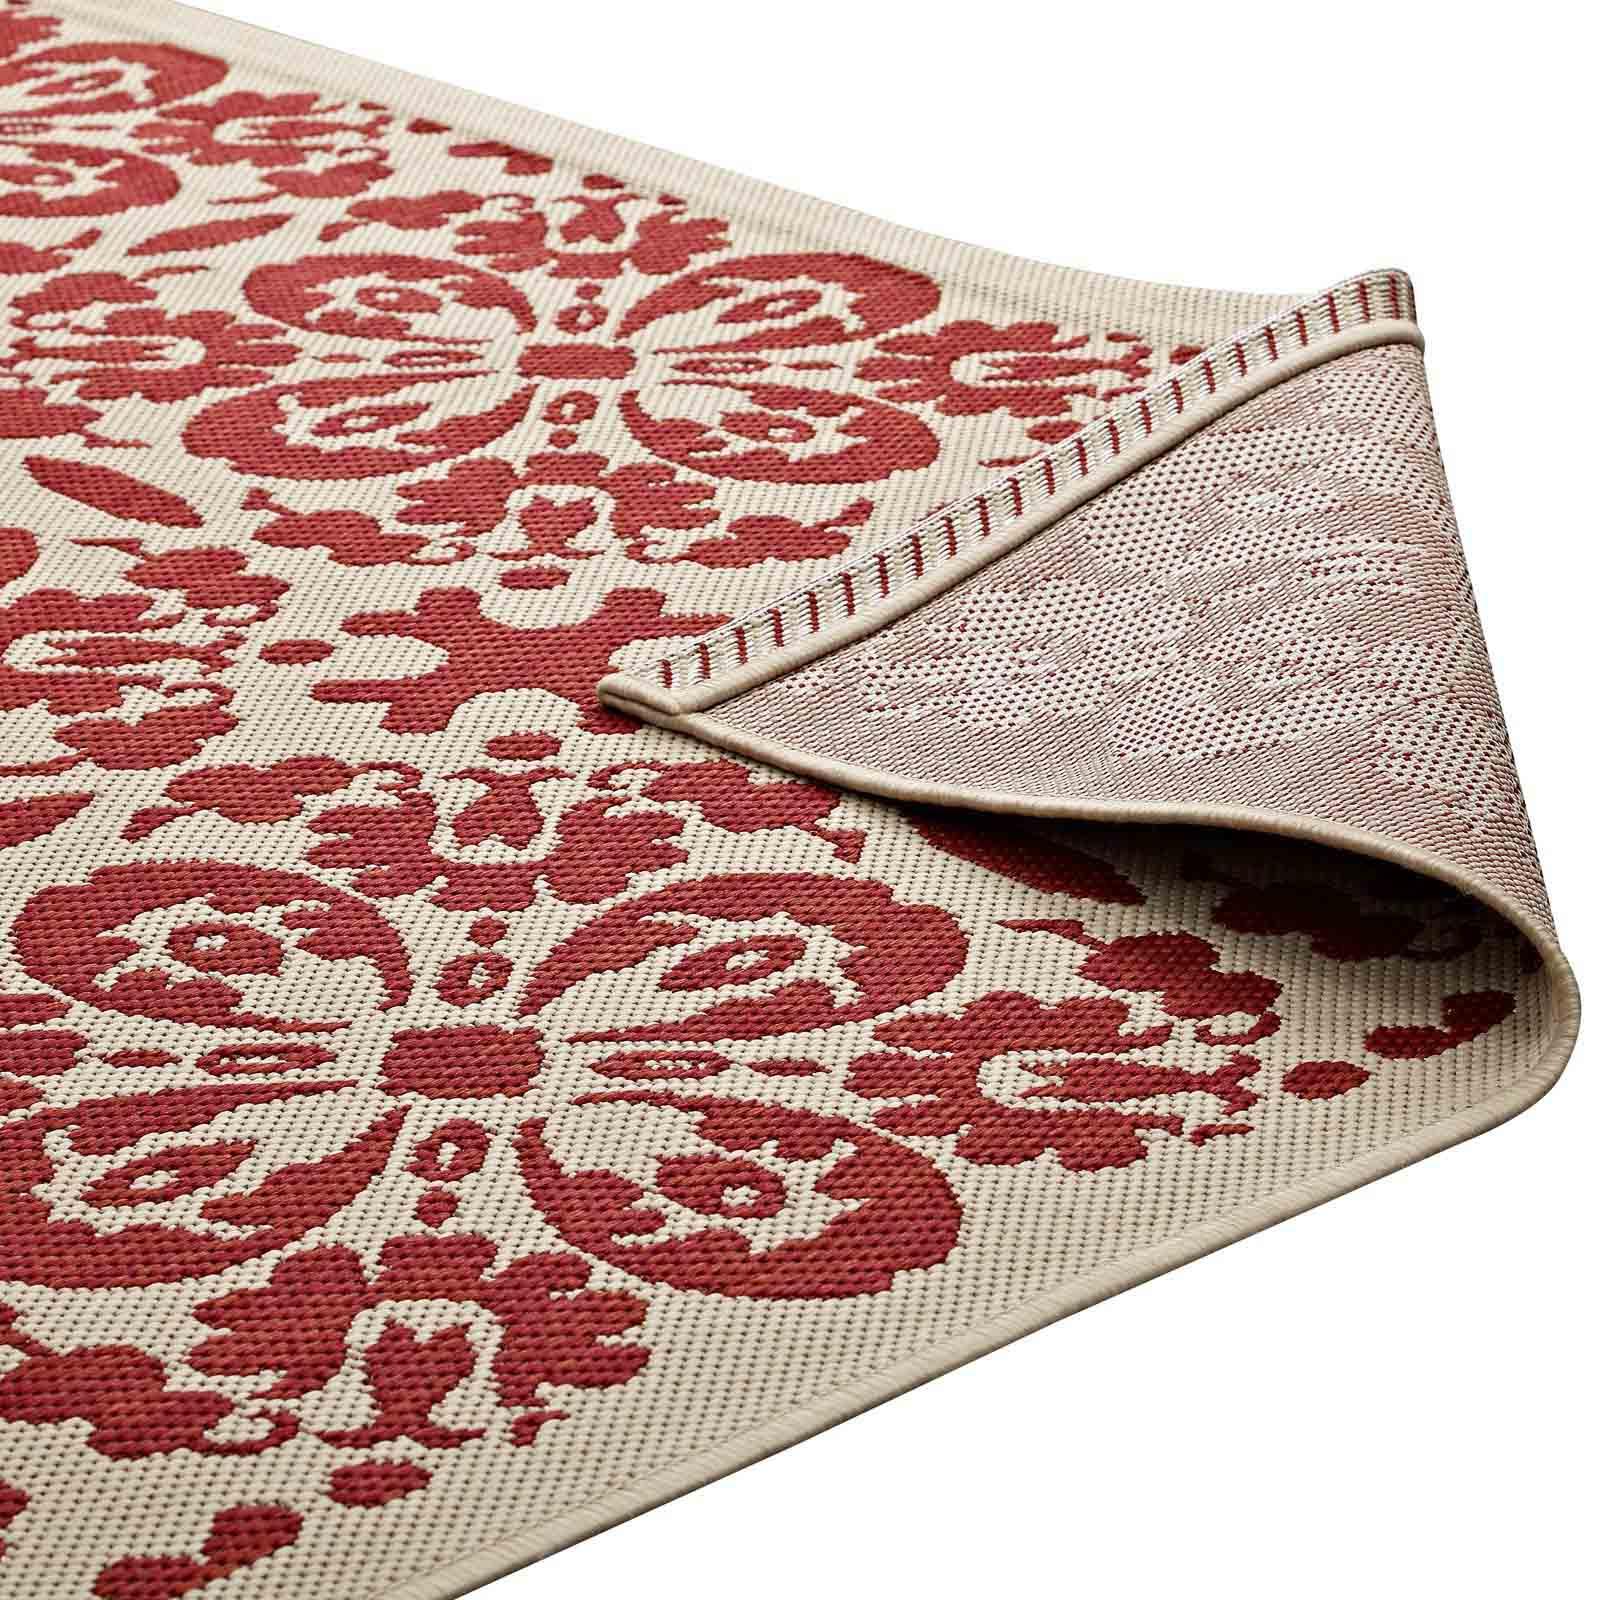 Indoor Outdoor Area Rugs 8x10 Carpet Vidalondon